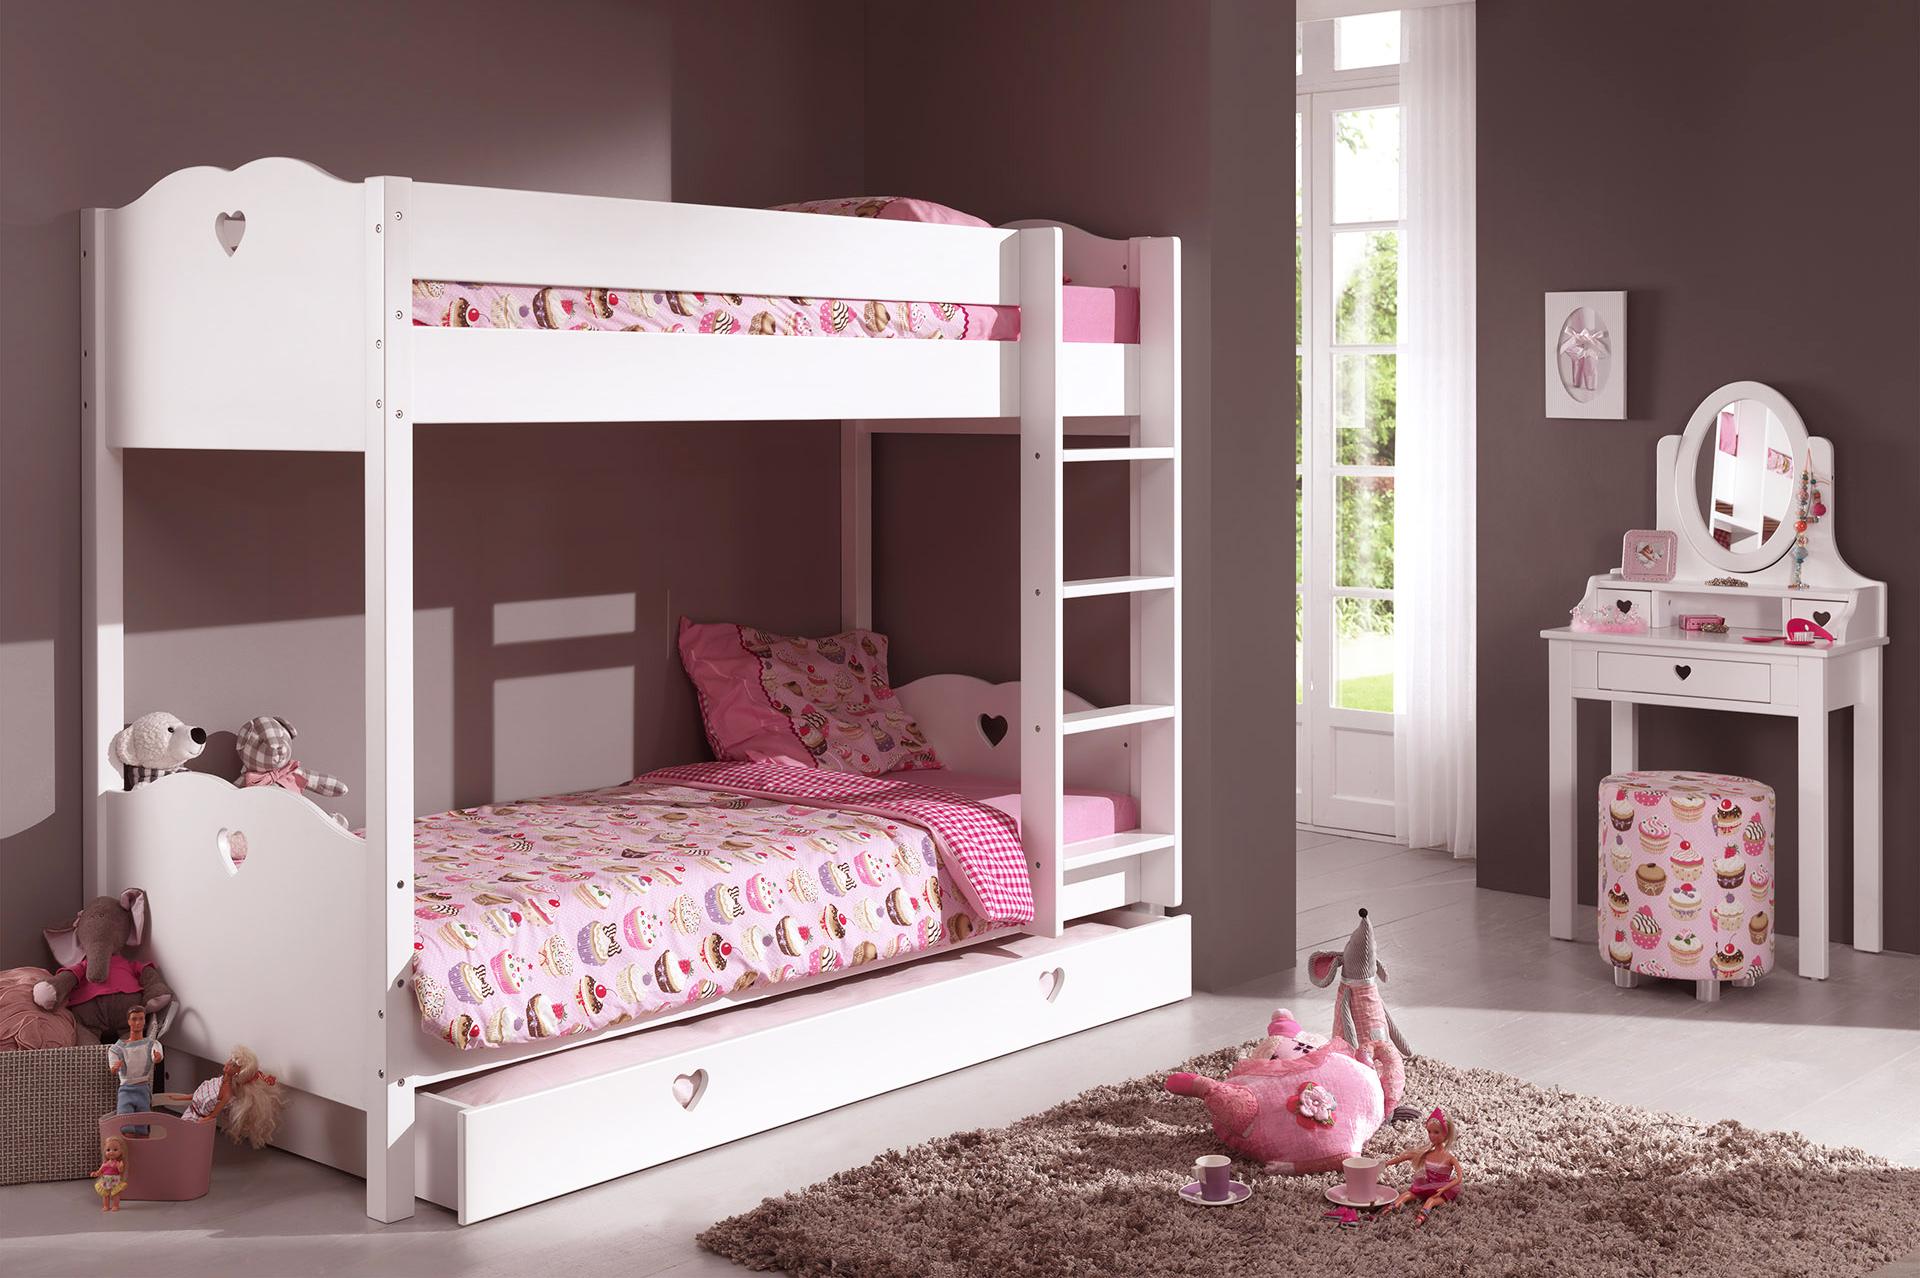 acb71c275c137 Les avantages du lit superposé enfant et ses déclinaisons